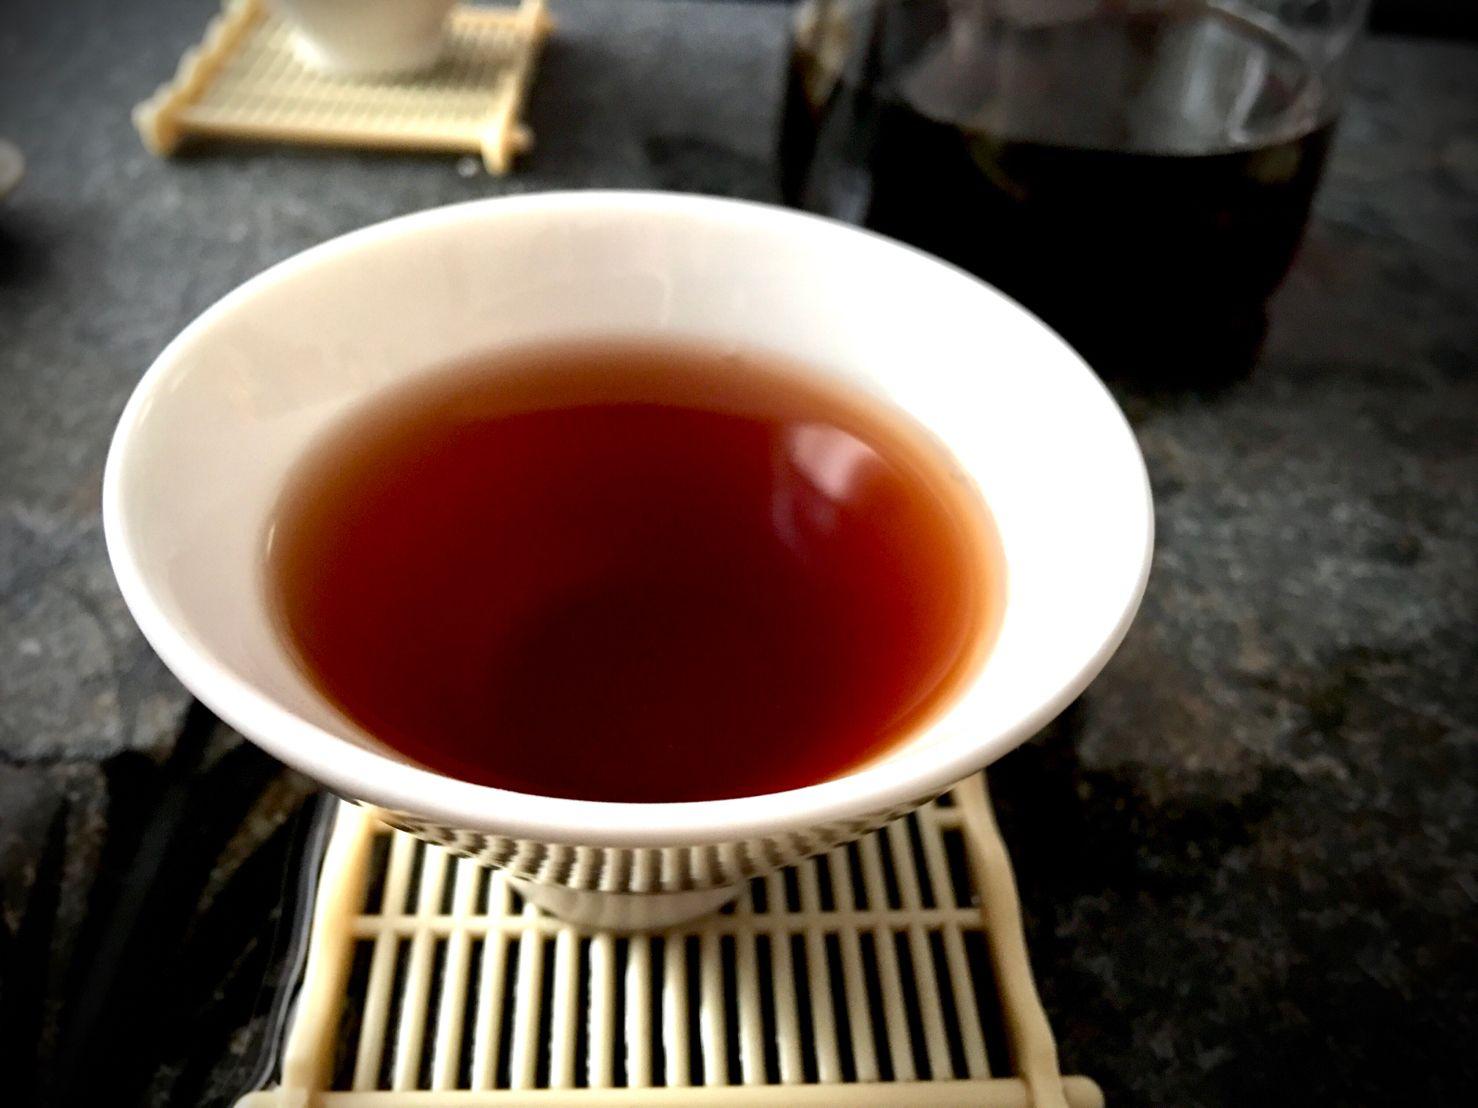 Hóng Chí Chá Shì,Jīng Pǐn Pǔ Ěr Chá Gòng, 竑祺茶室,精品普洱, 茶貢, Hung Chi Tea Room, Boutique Pu'er Tribute Tea